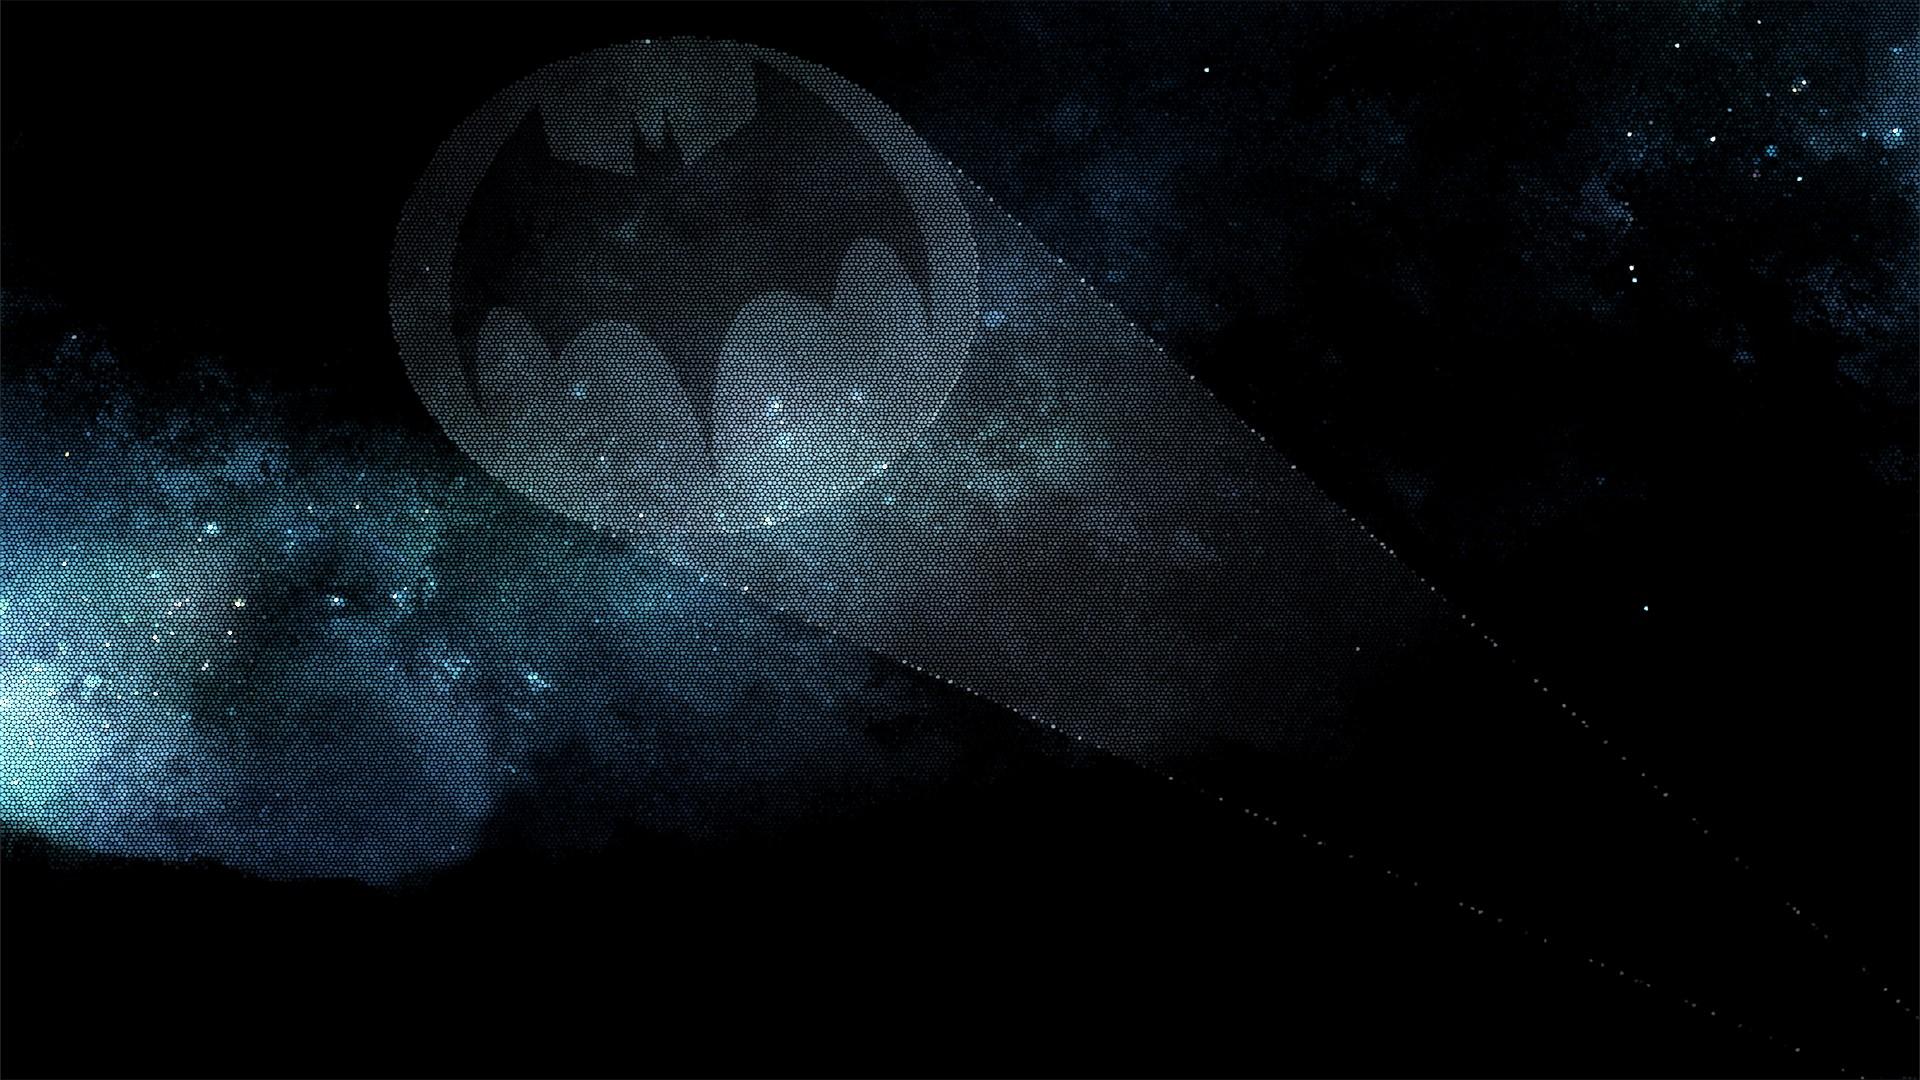 87 wallpaper batman galaxy pictures gtgtgt best wallpaper hd